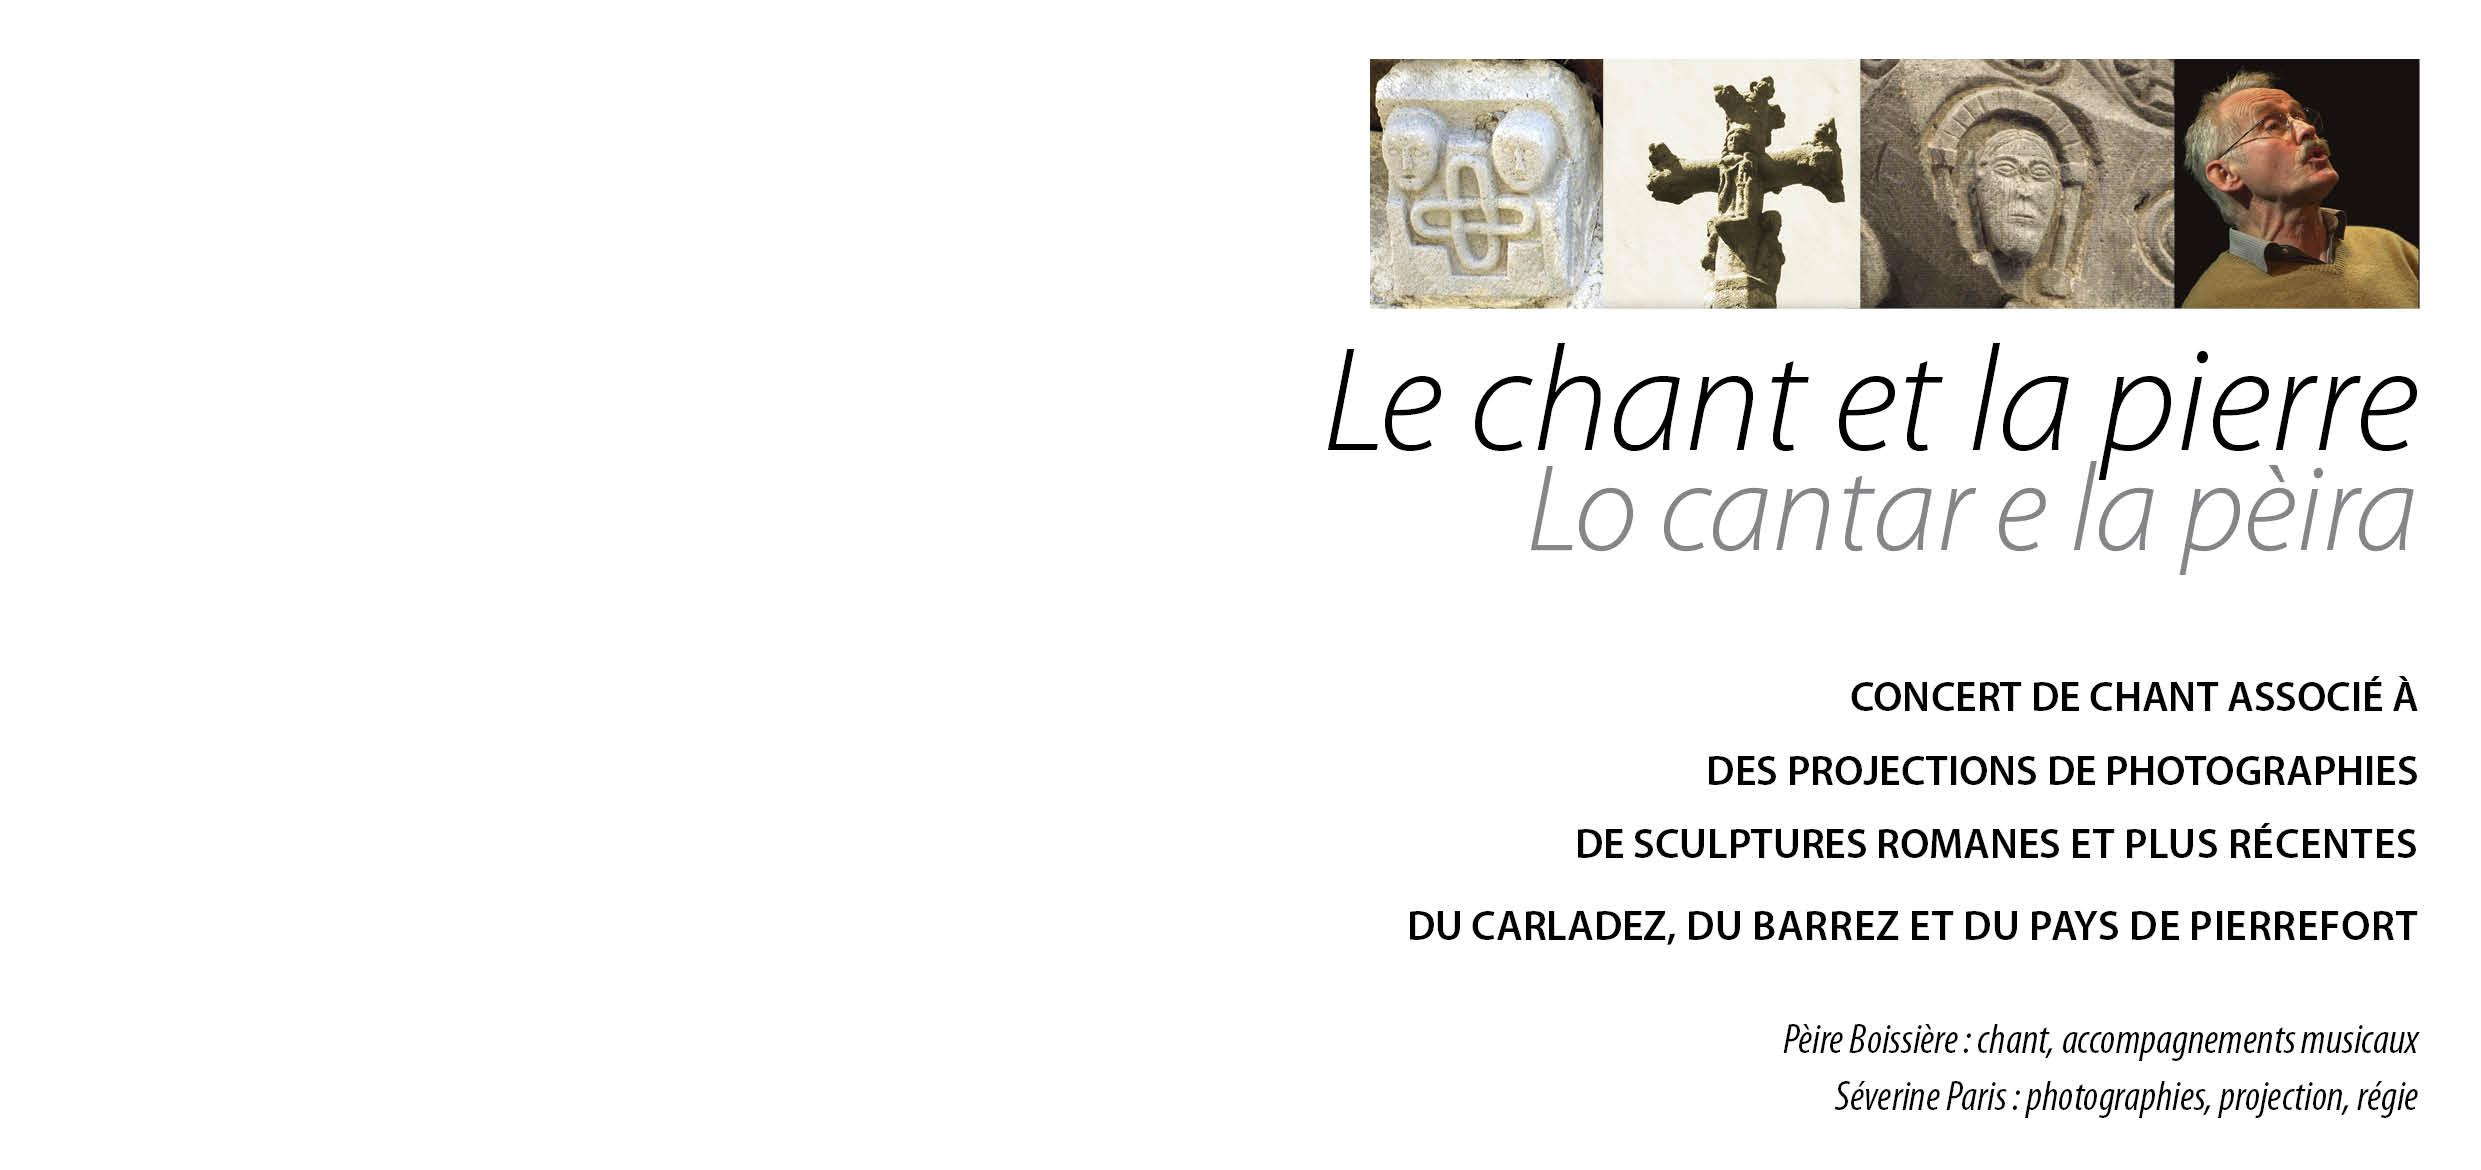 Le chant et la pierre / Lo cantar e la pèira de Pèire Boissière